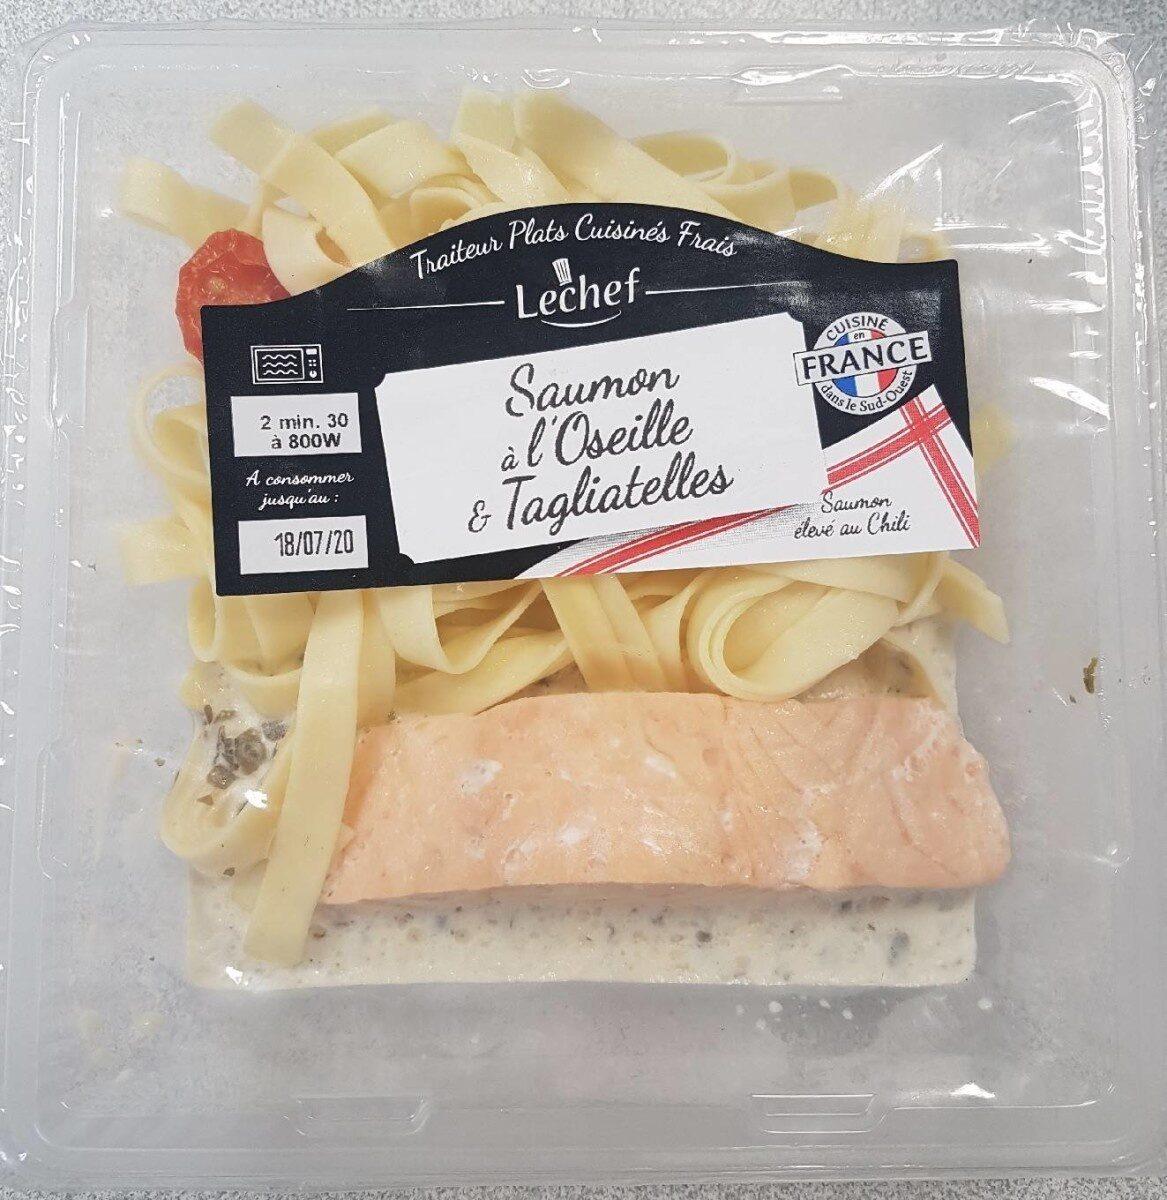 Saumon à l'Oseille & Tagliatelles - Product - fr